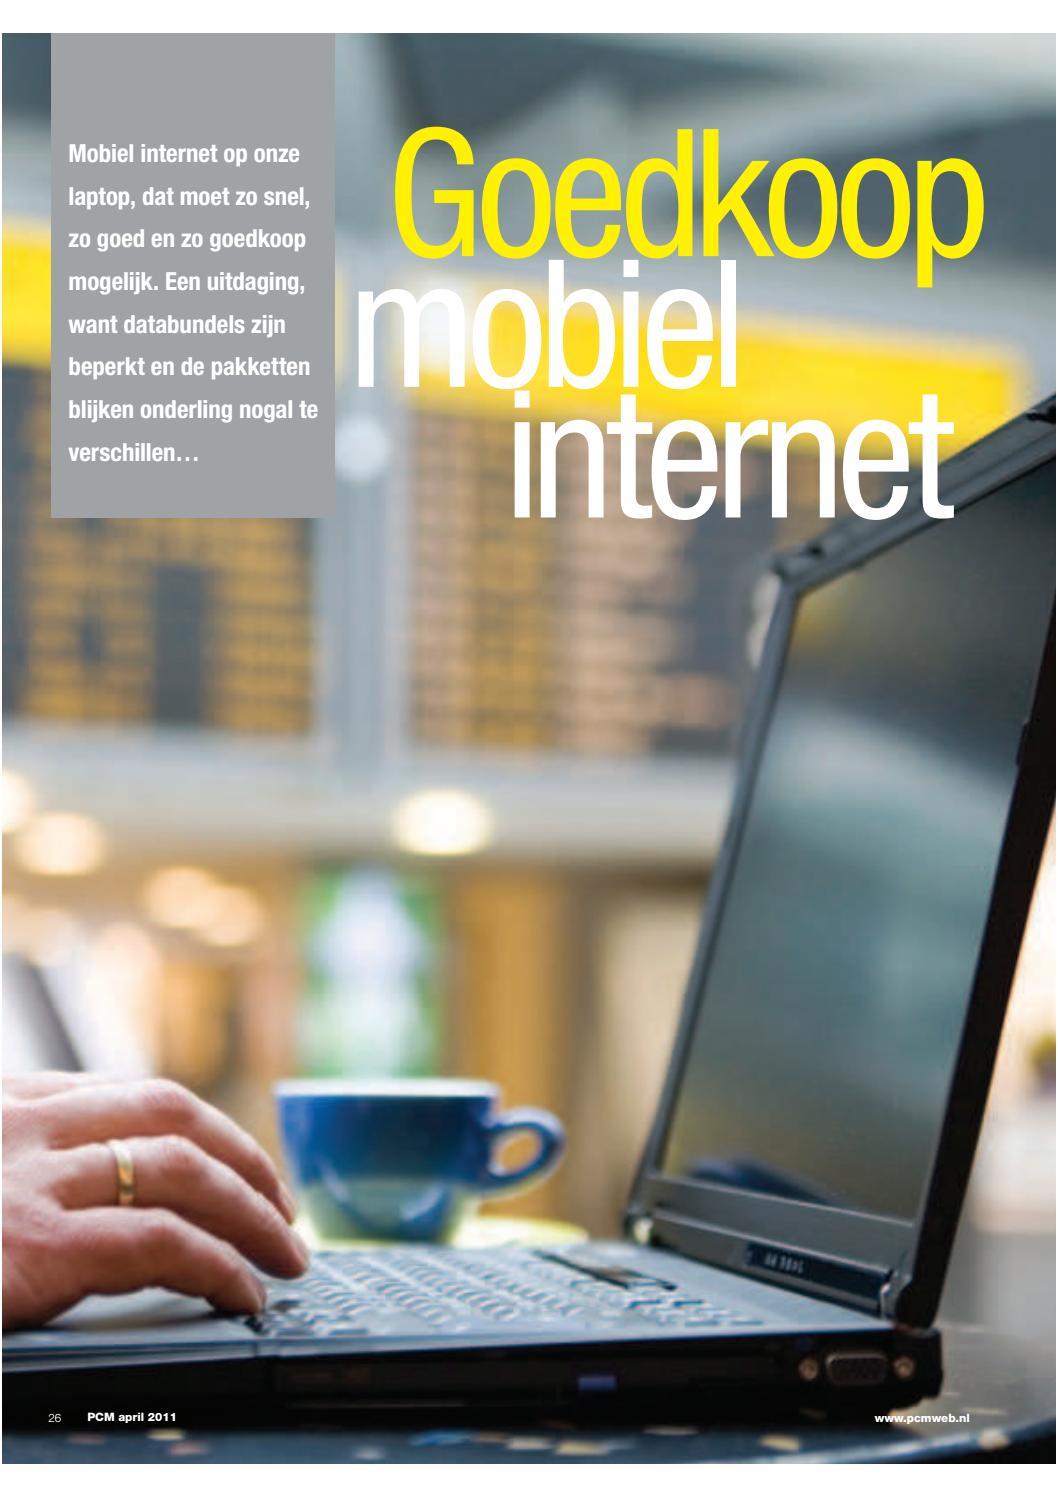 internetaansluiting voor laptops dating in Glasgow ky